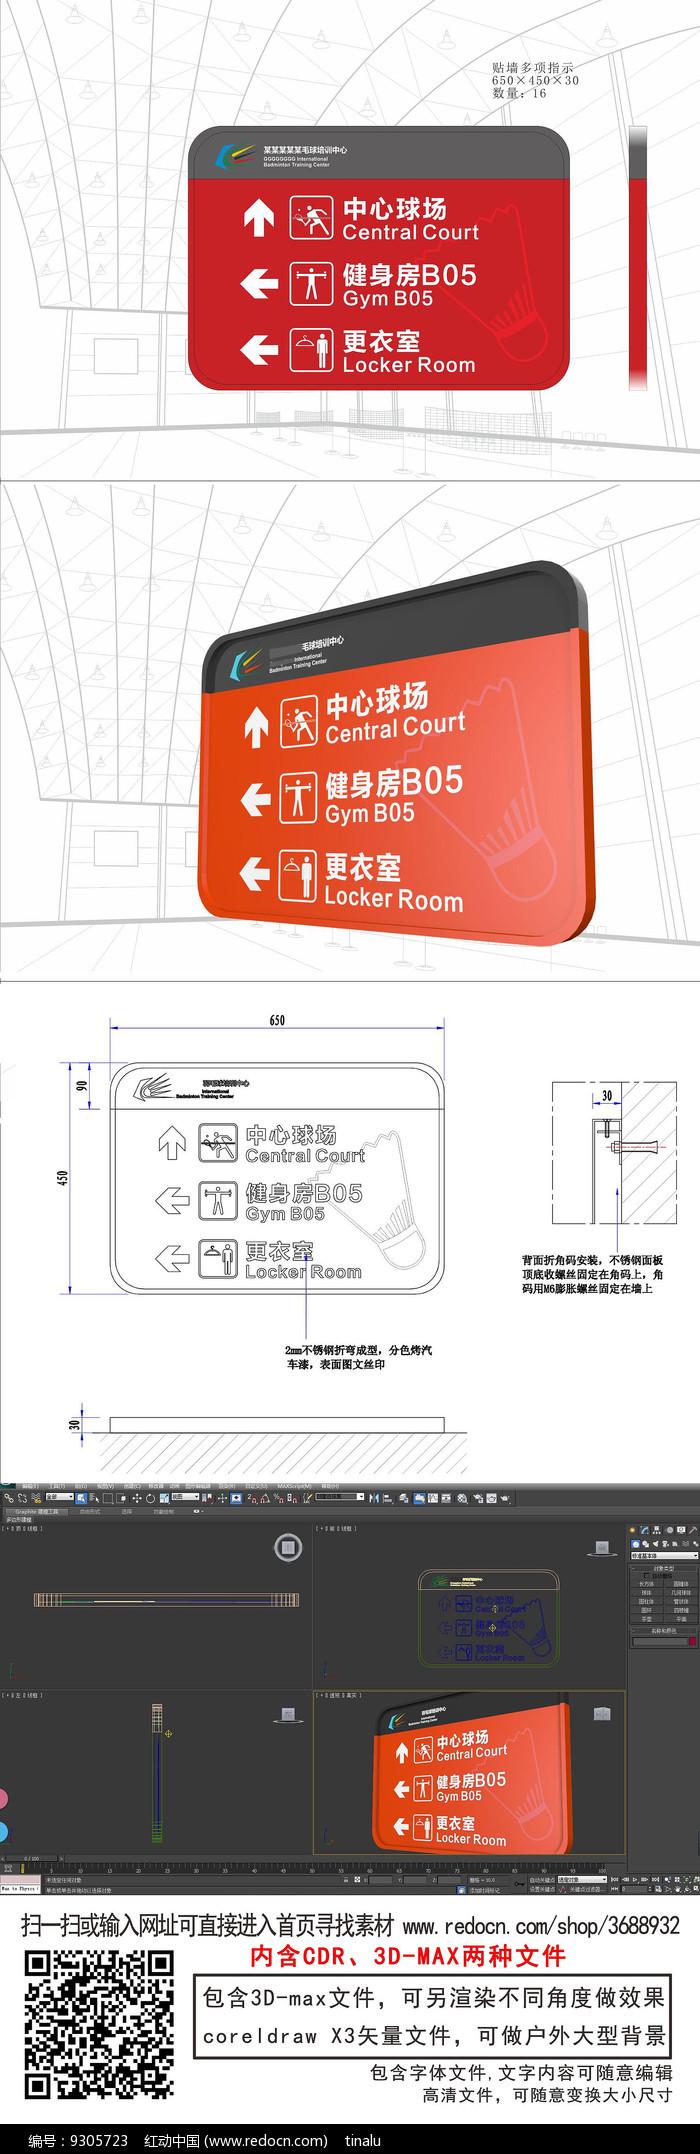 红色楼层索引牌区域指示cdr图片